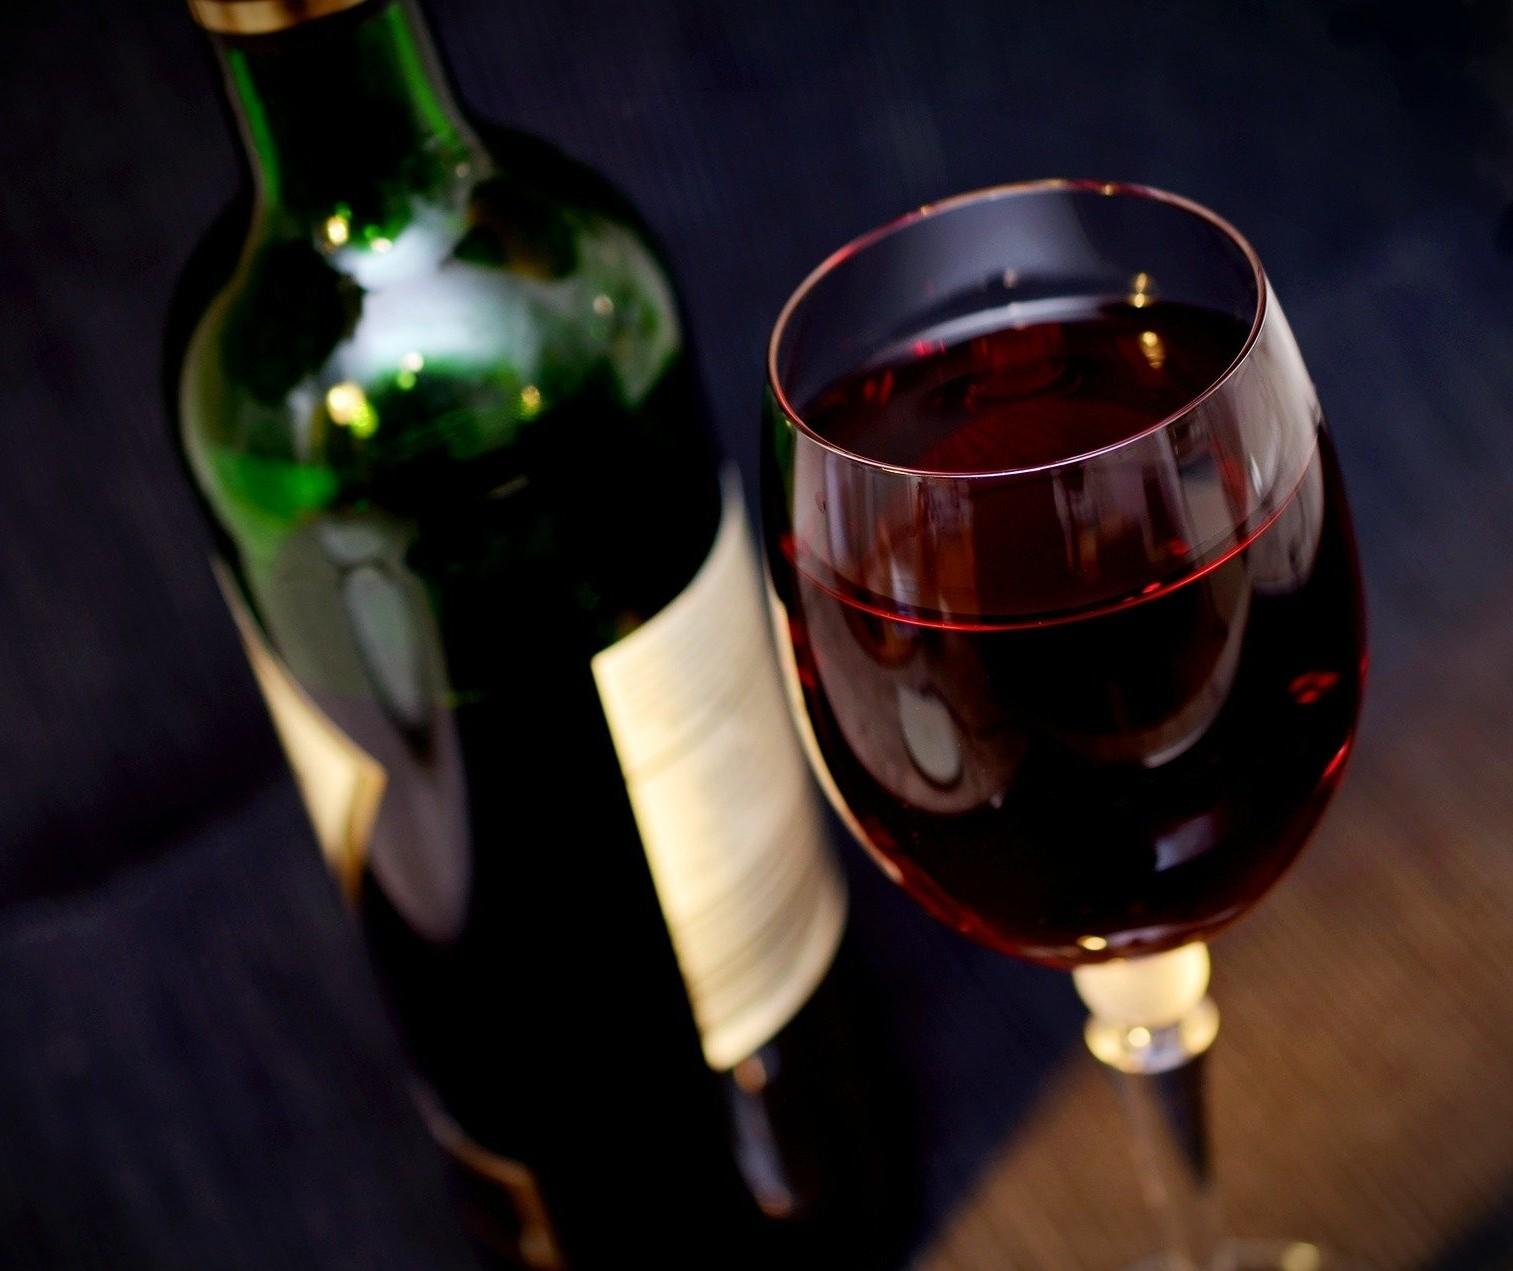 Sobre o teor de álcool no vinho